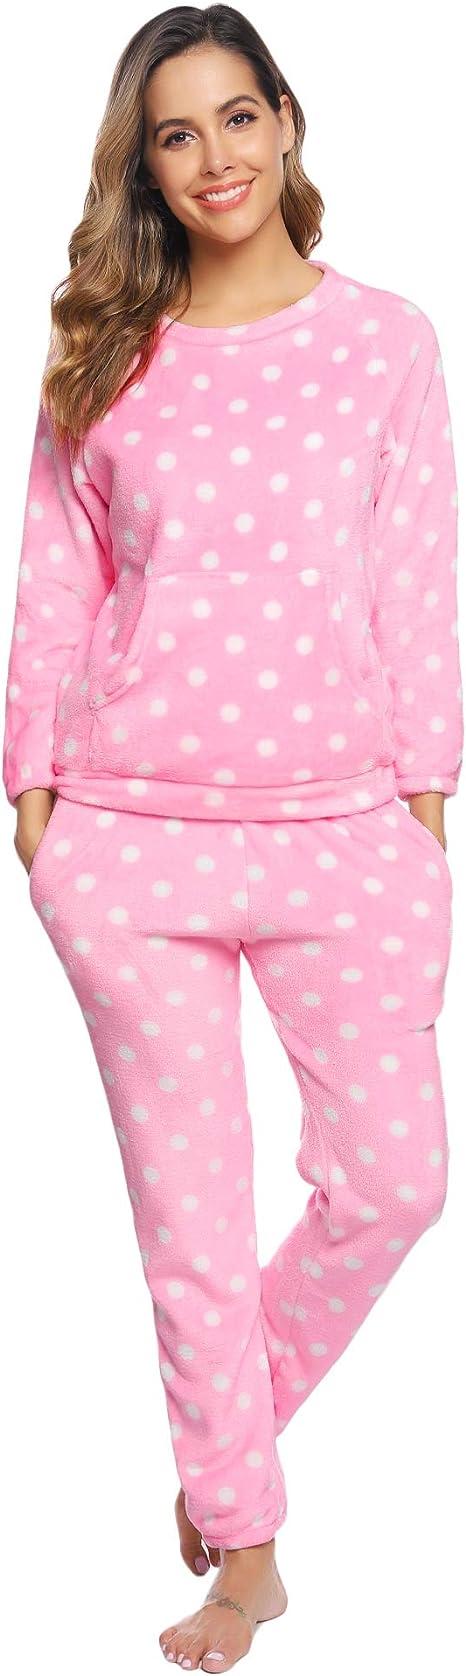 Hawiton Pijamas Mujer Invierno Polar Pijama de Manga Larga Franela Conjunto de Pijama para Mujer Ropa de Casa 2 Piezas: Amazon.es: Ropa y accesorios